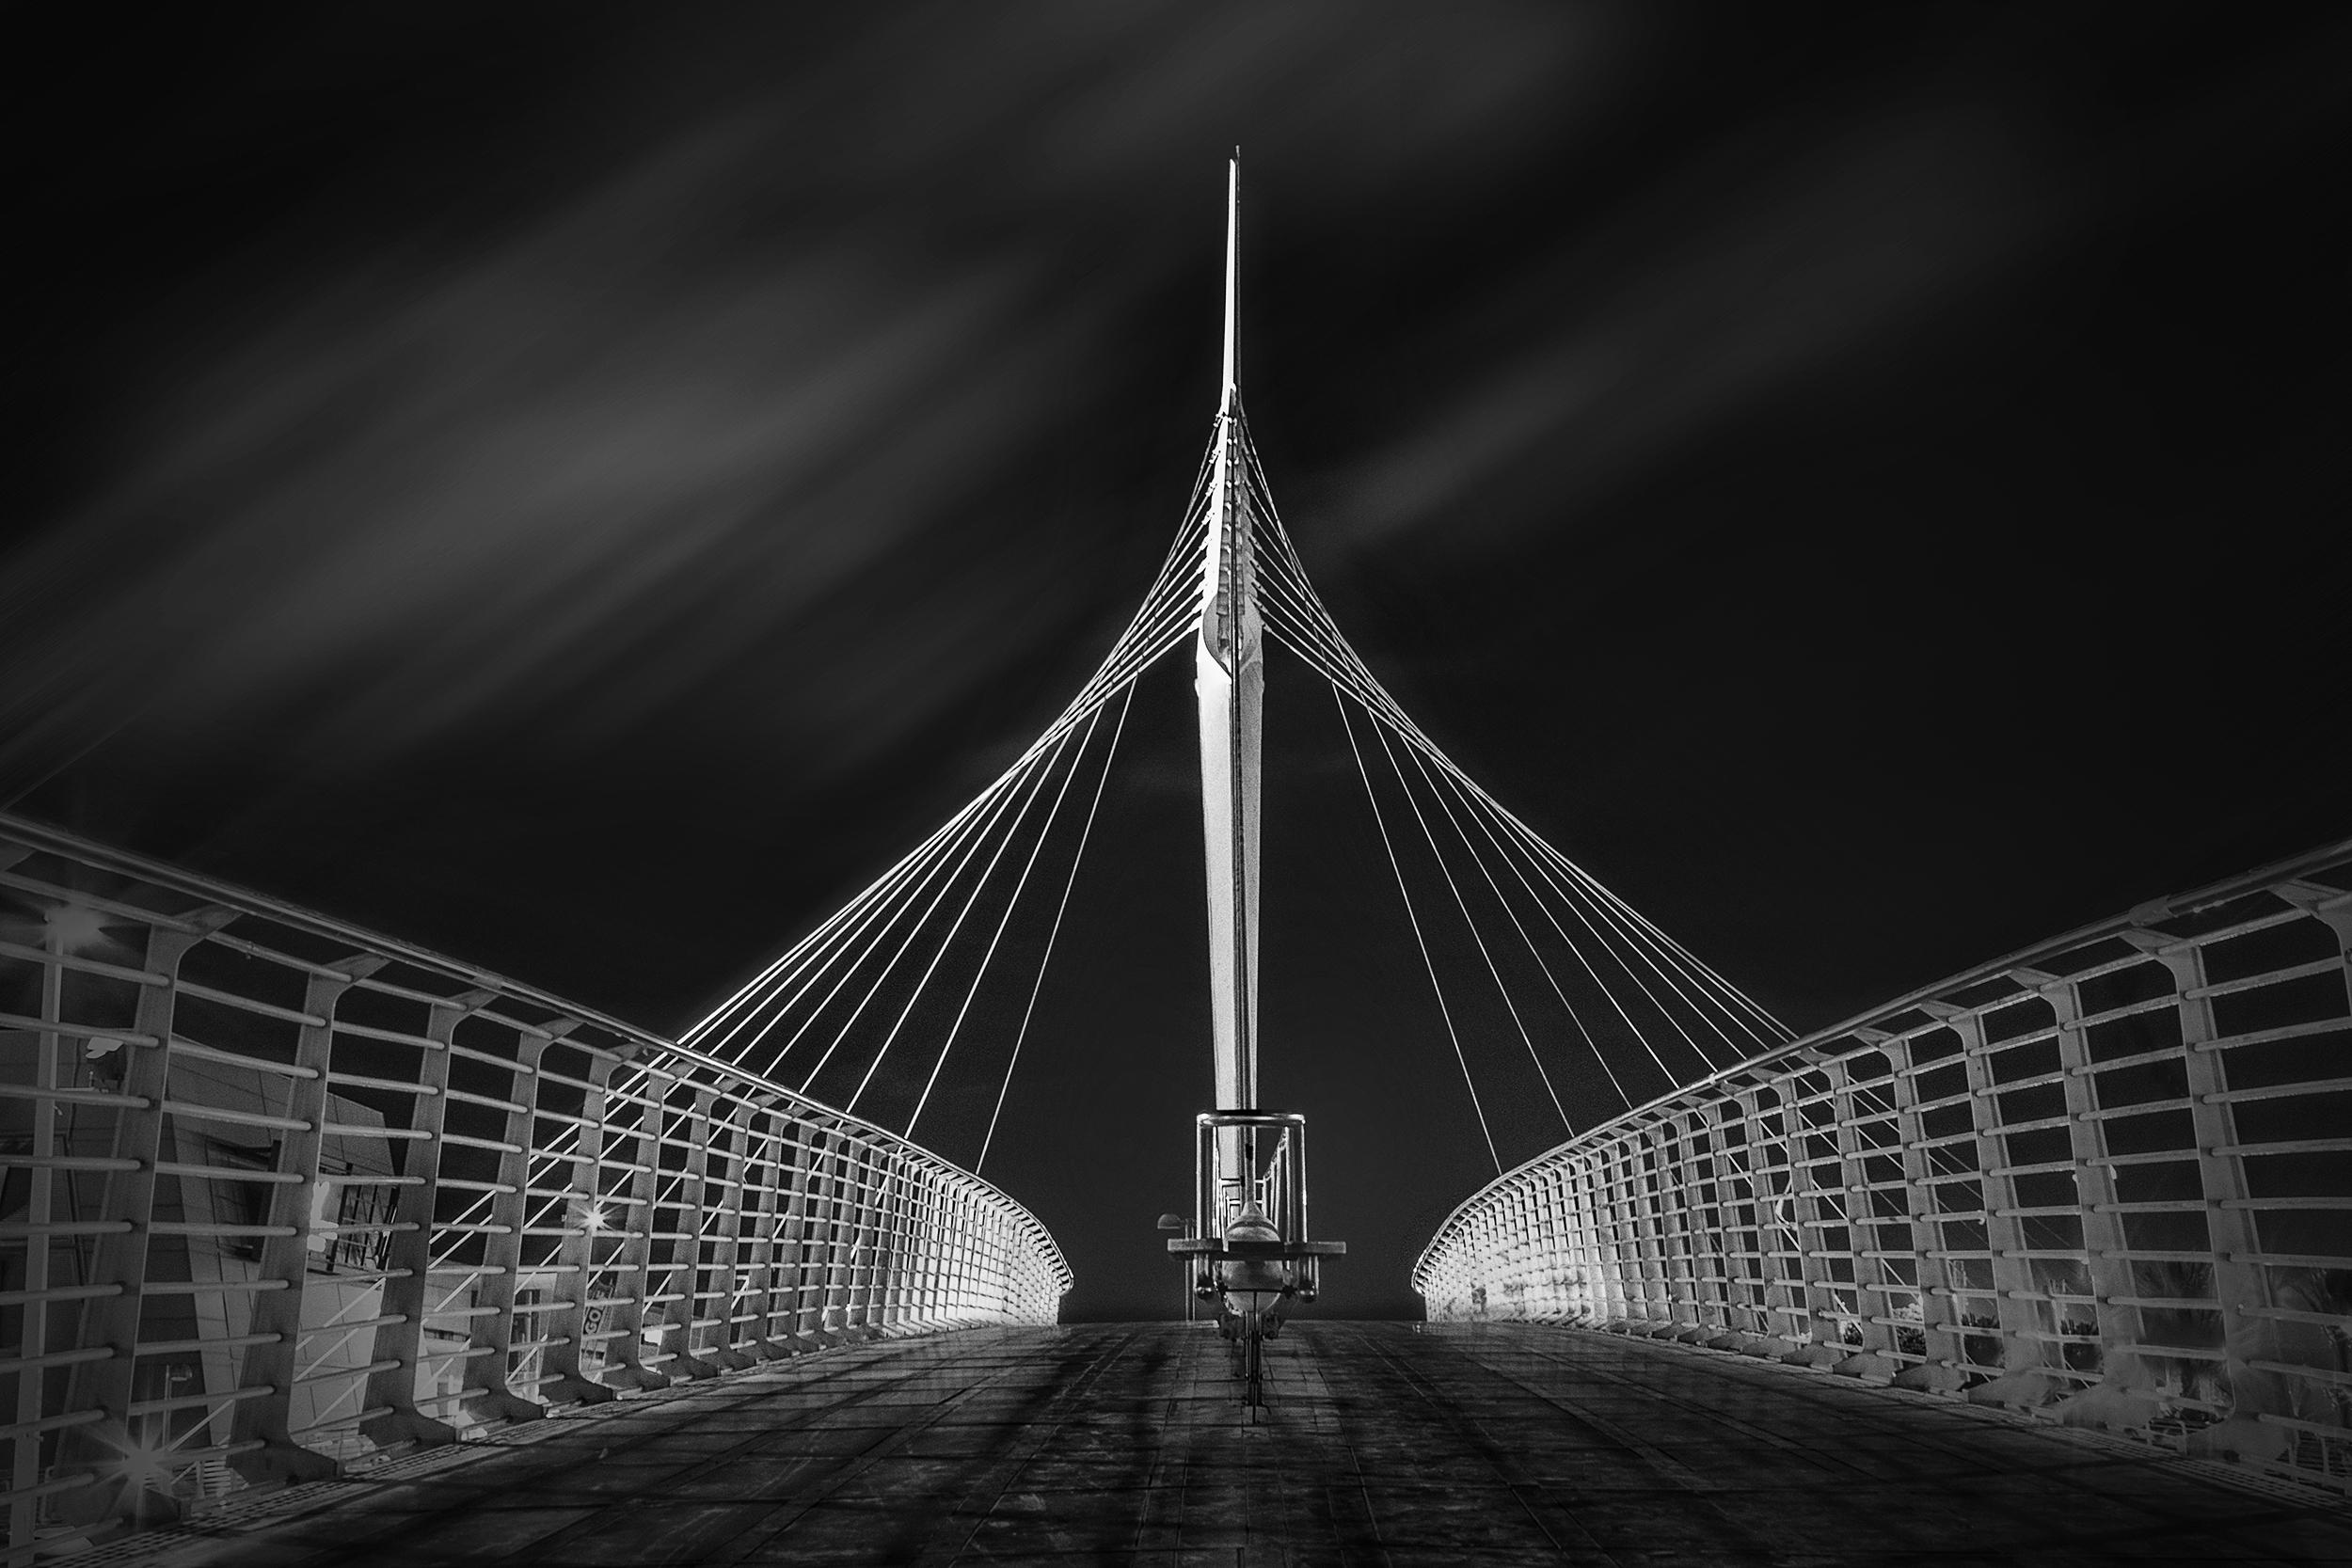 PT bridge